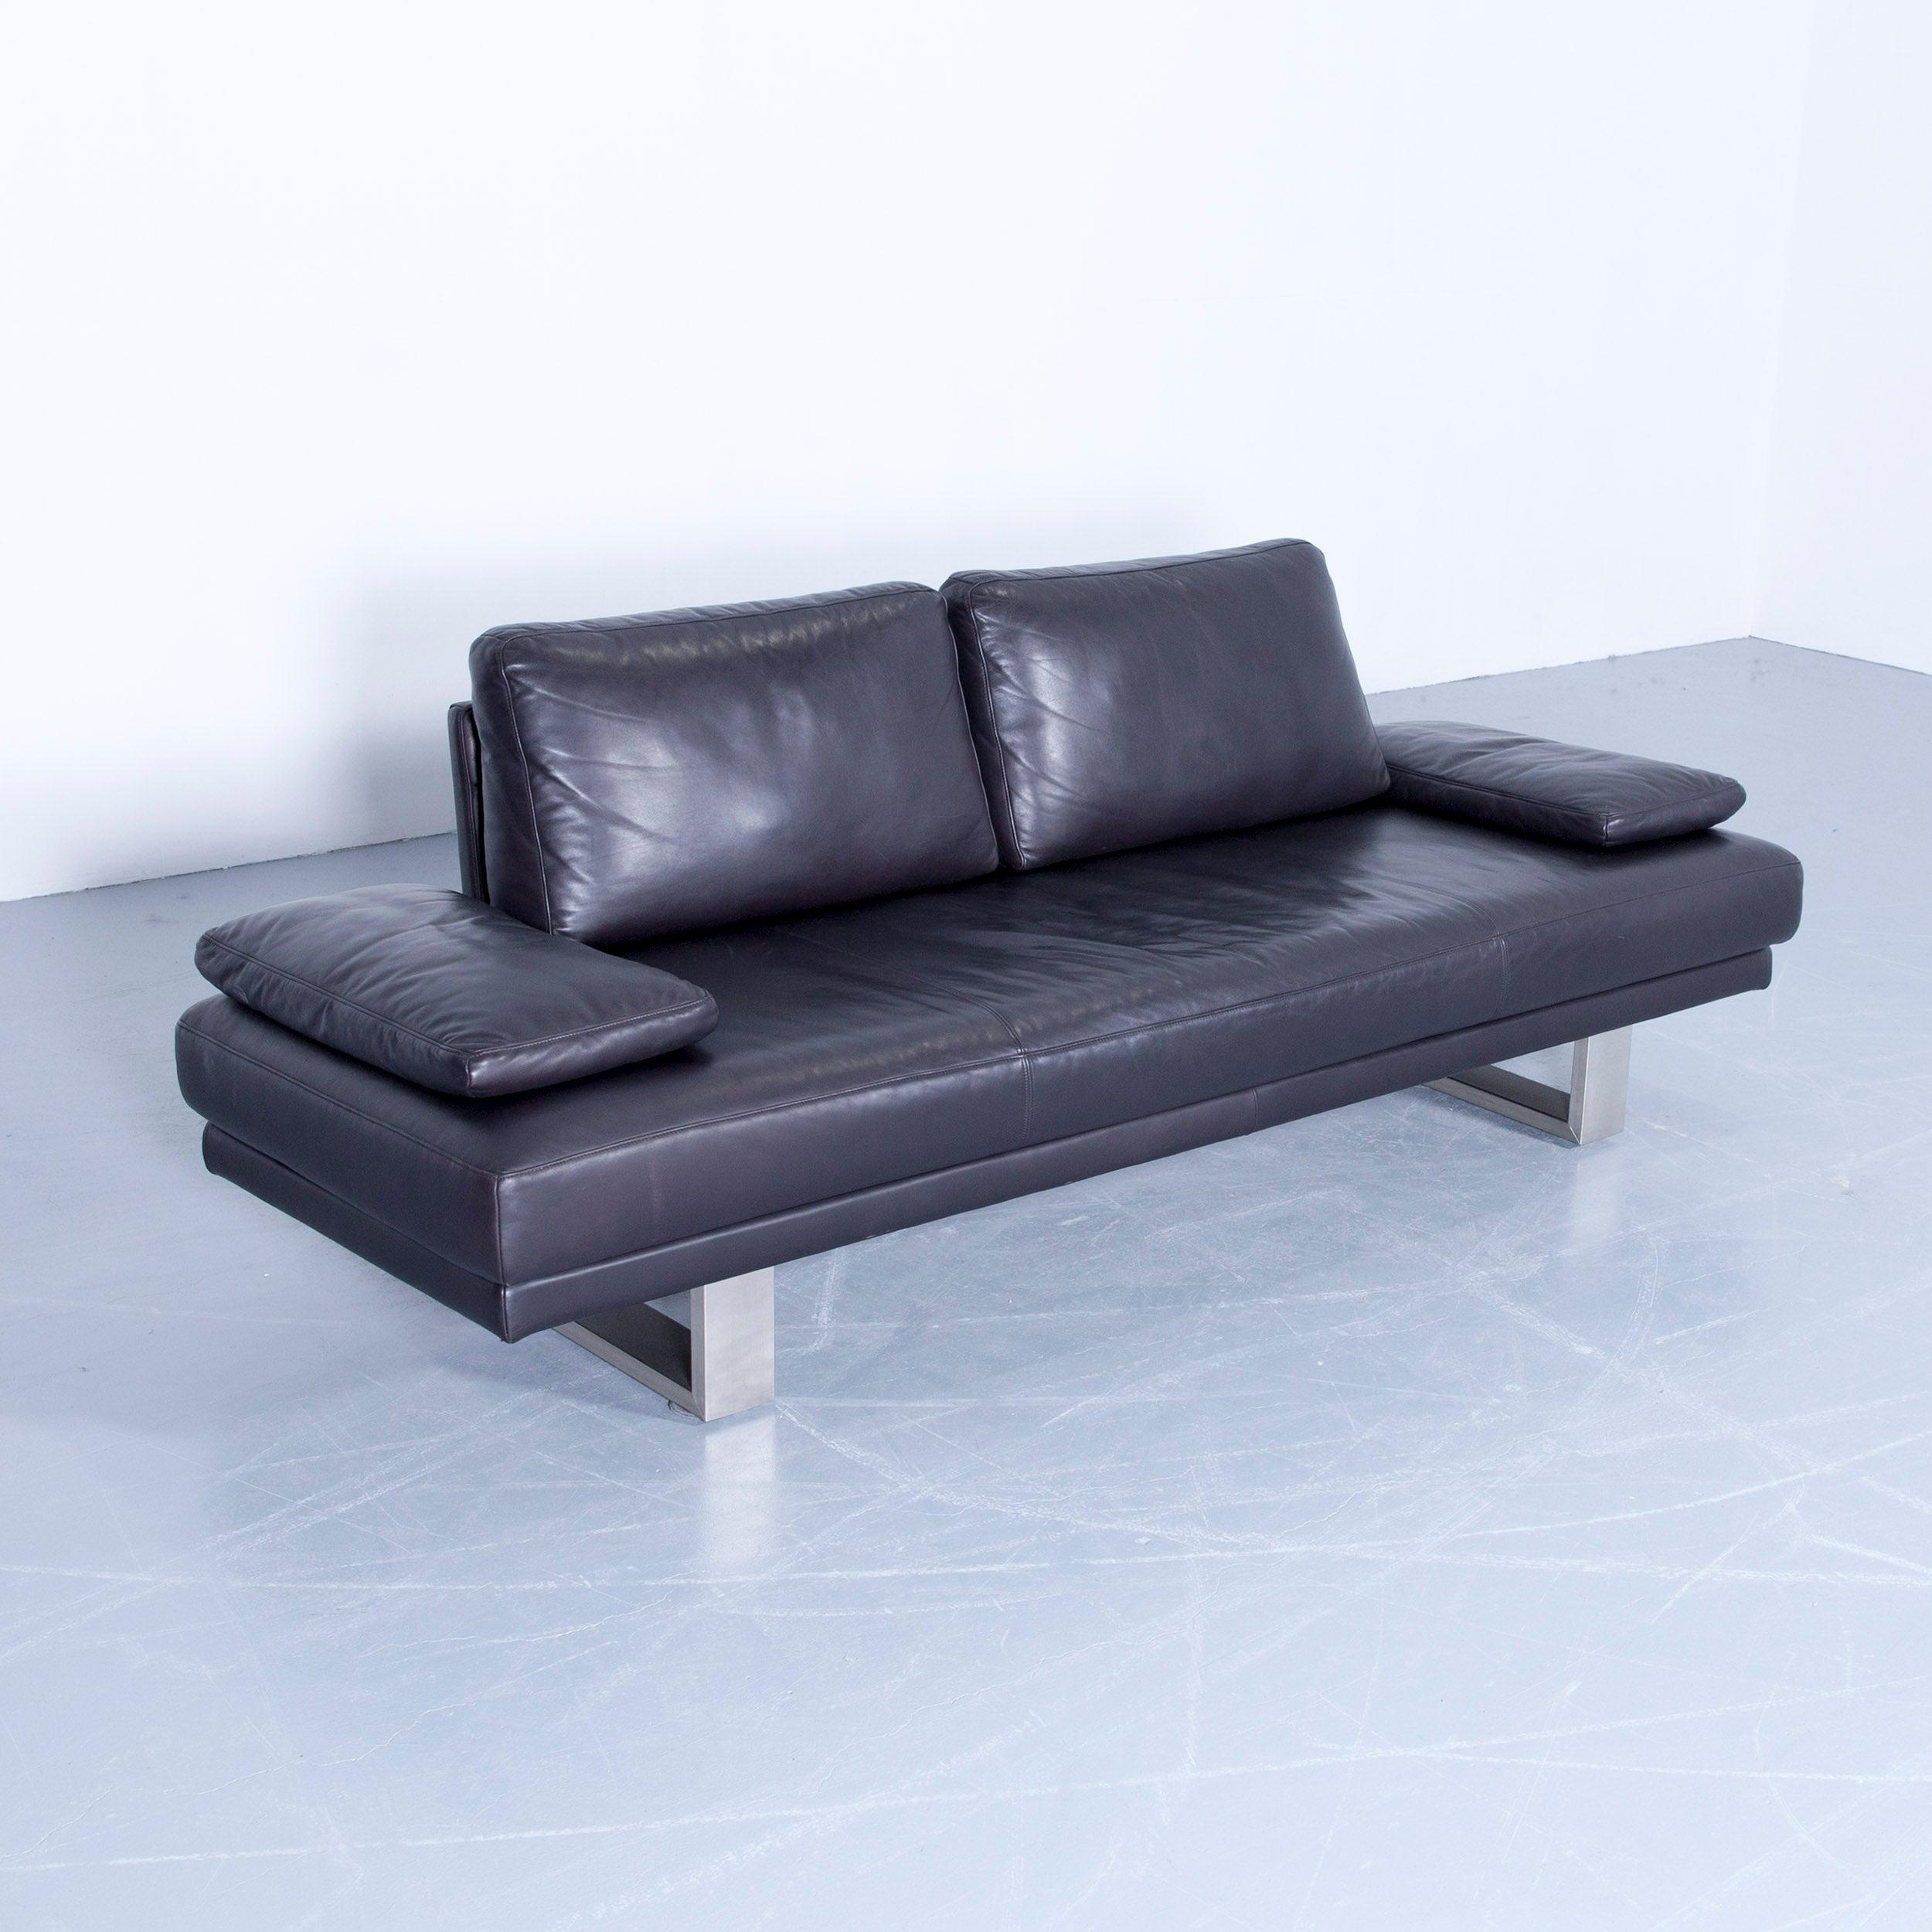 Beeindruckend Sofa Benz Dekoration Von Rolf 6600 Designer Leather Aubergine Black Three-seat